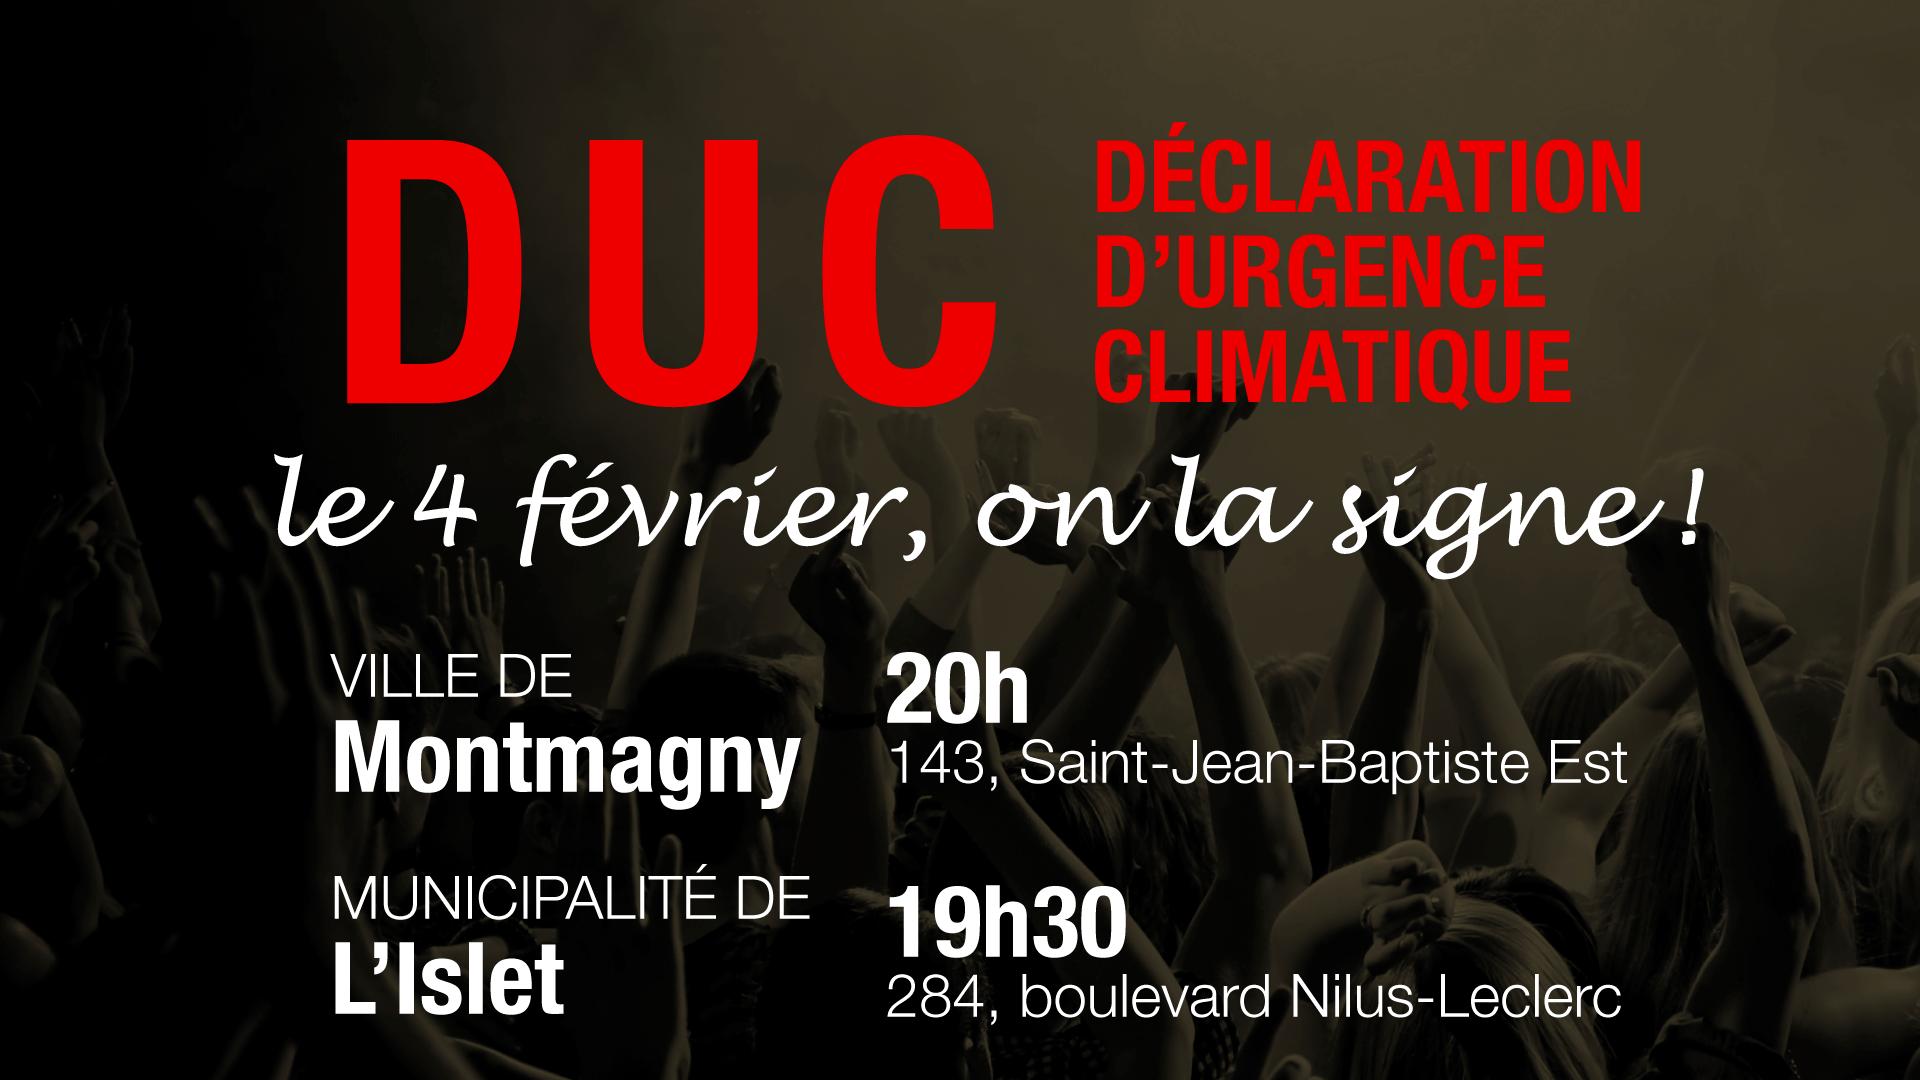 Déclaration d'urgence climatique: Montmagny et L'Islet sont invités à ajouter leur nom aux 238 signataires